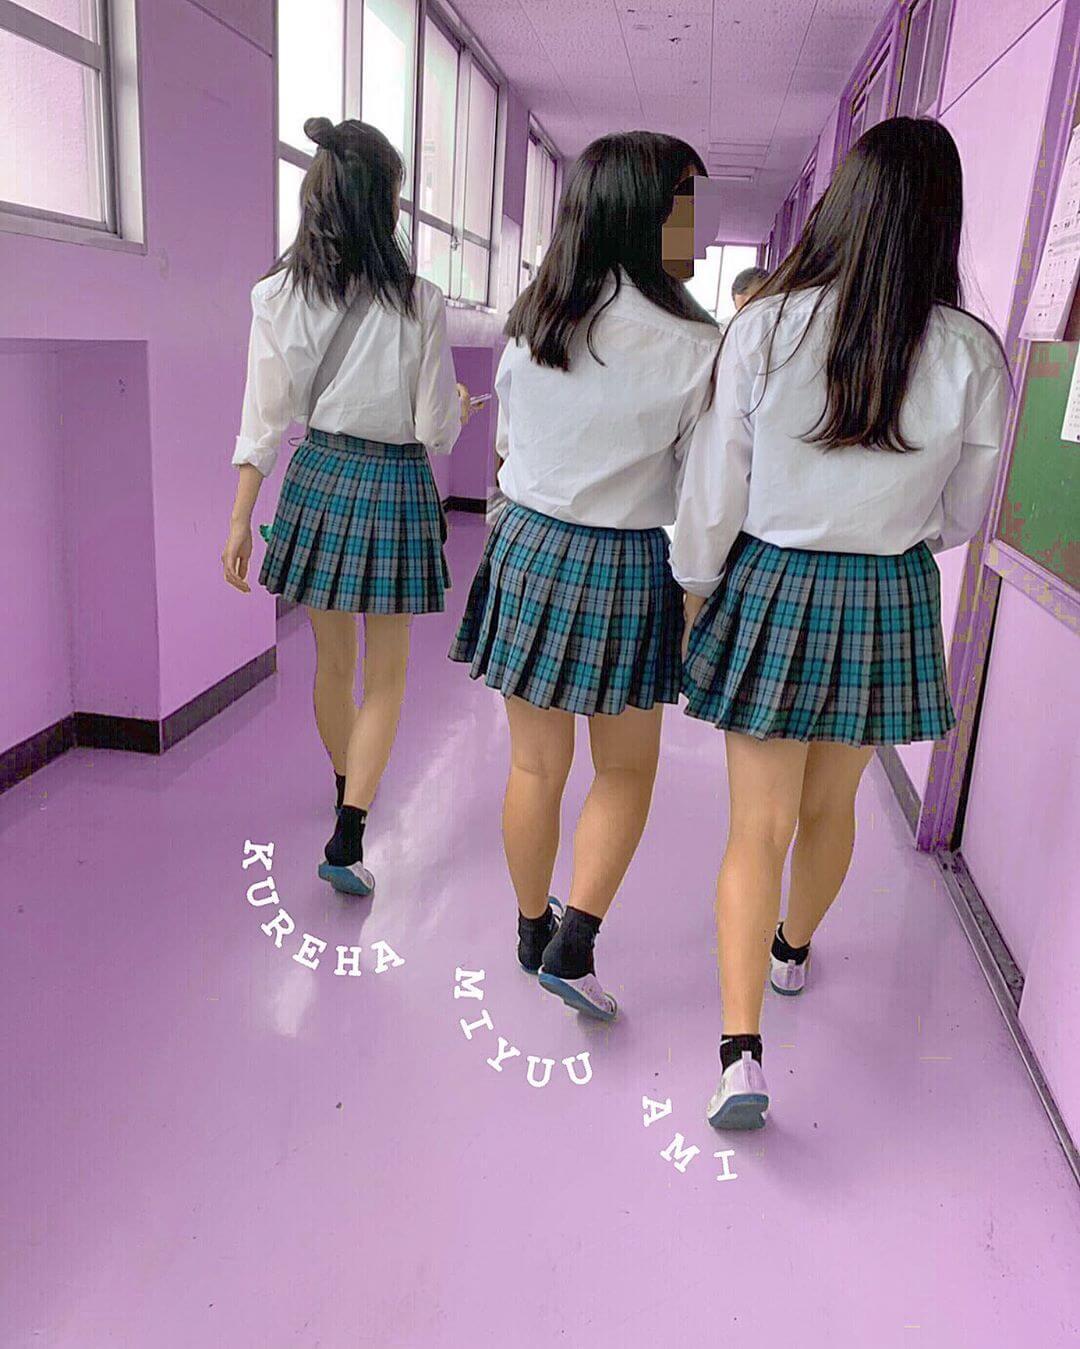 【画像】なにかとネットで話題の新栄JKがSNSに上げる画像